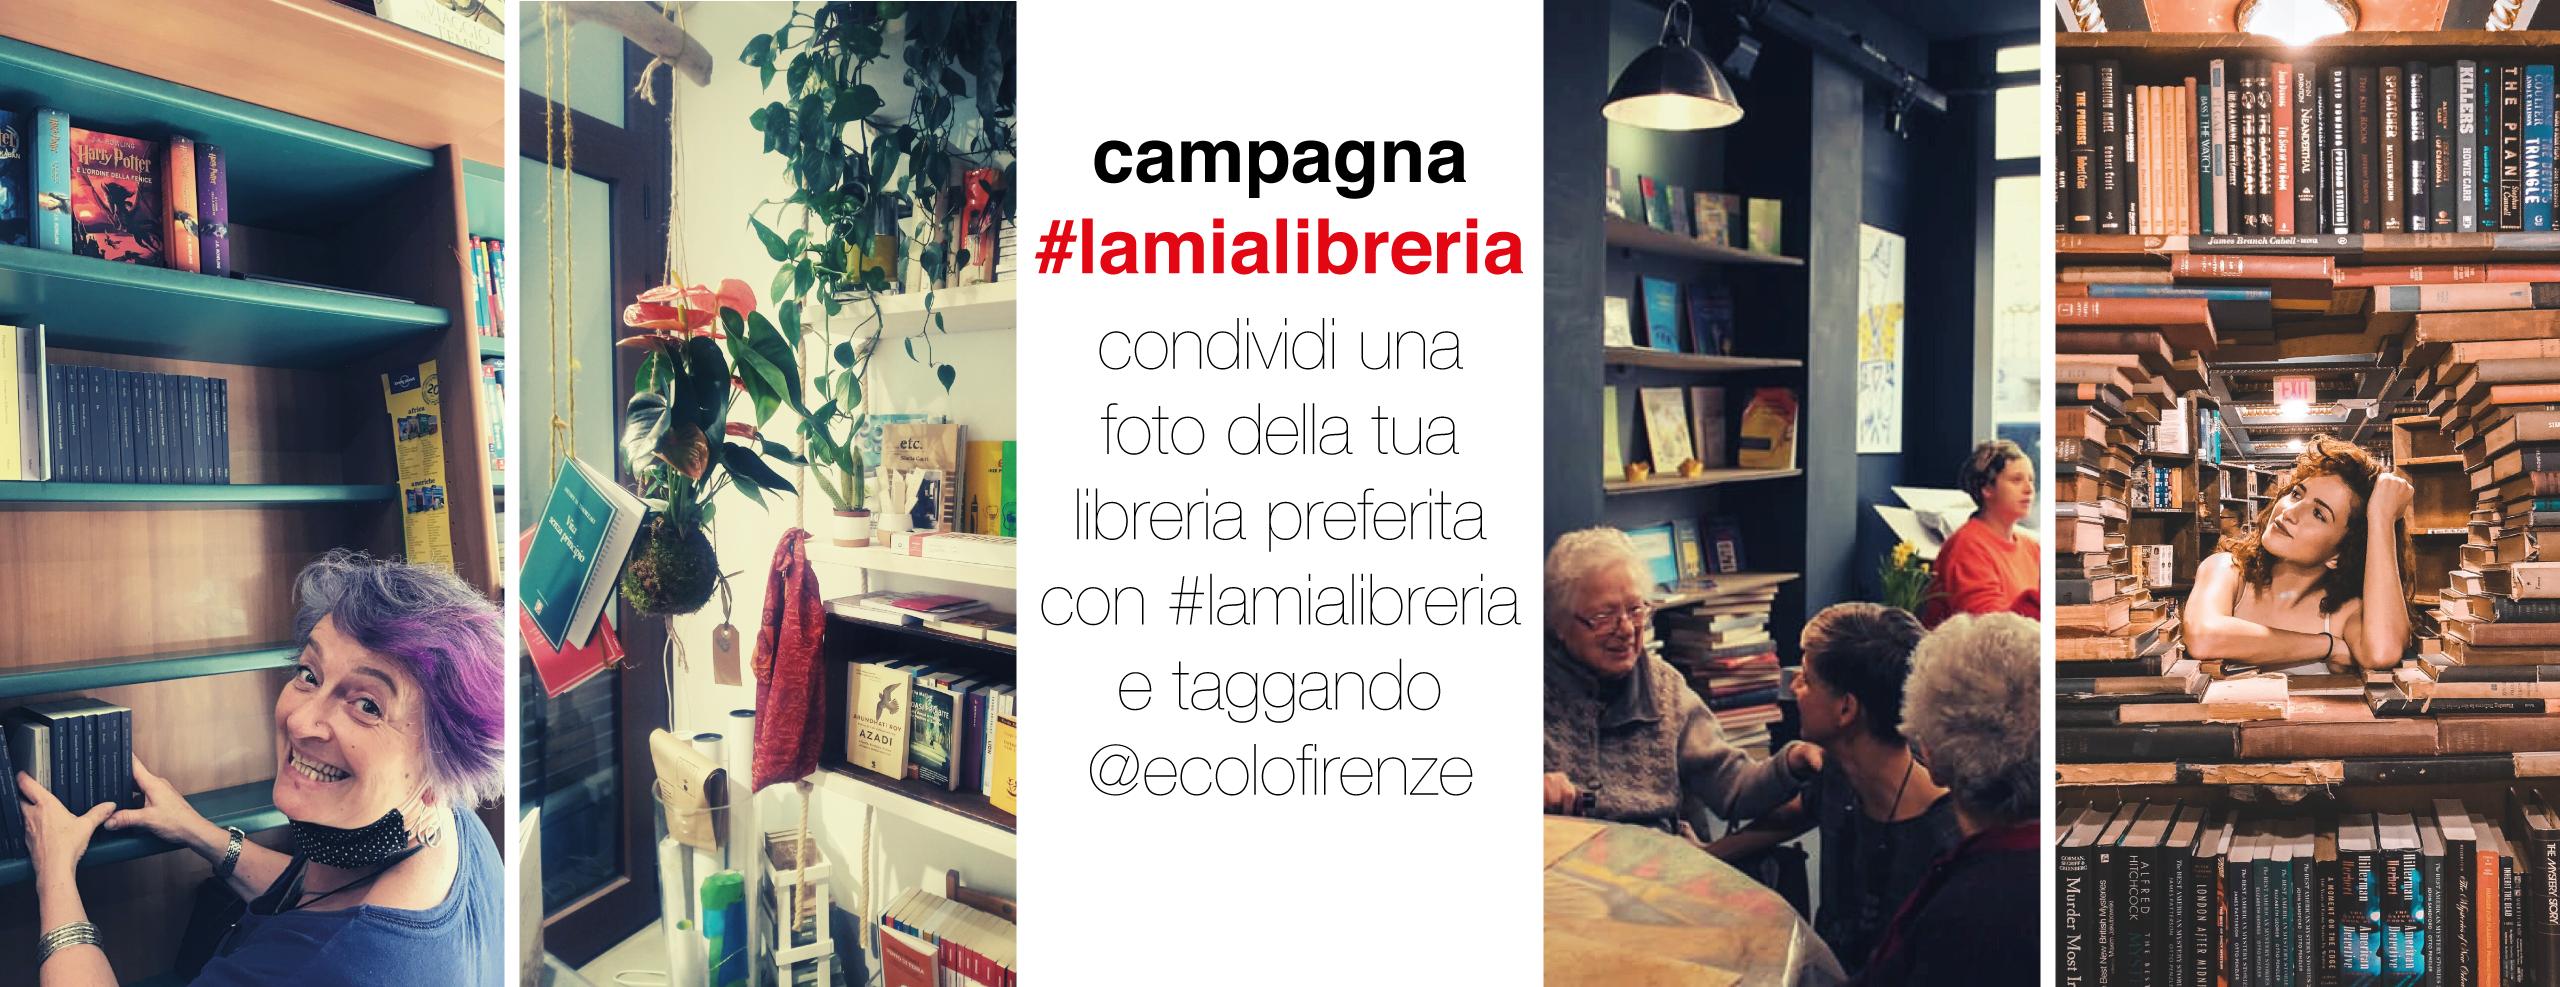 campagna #lamialibreria